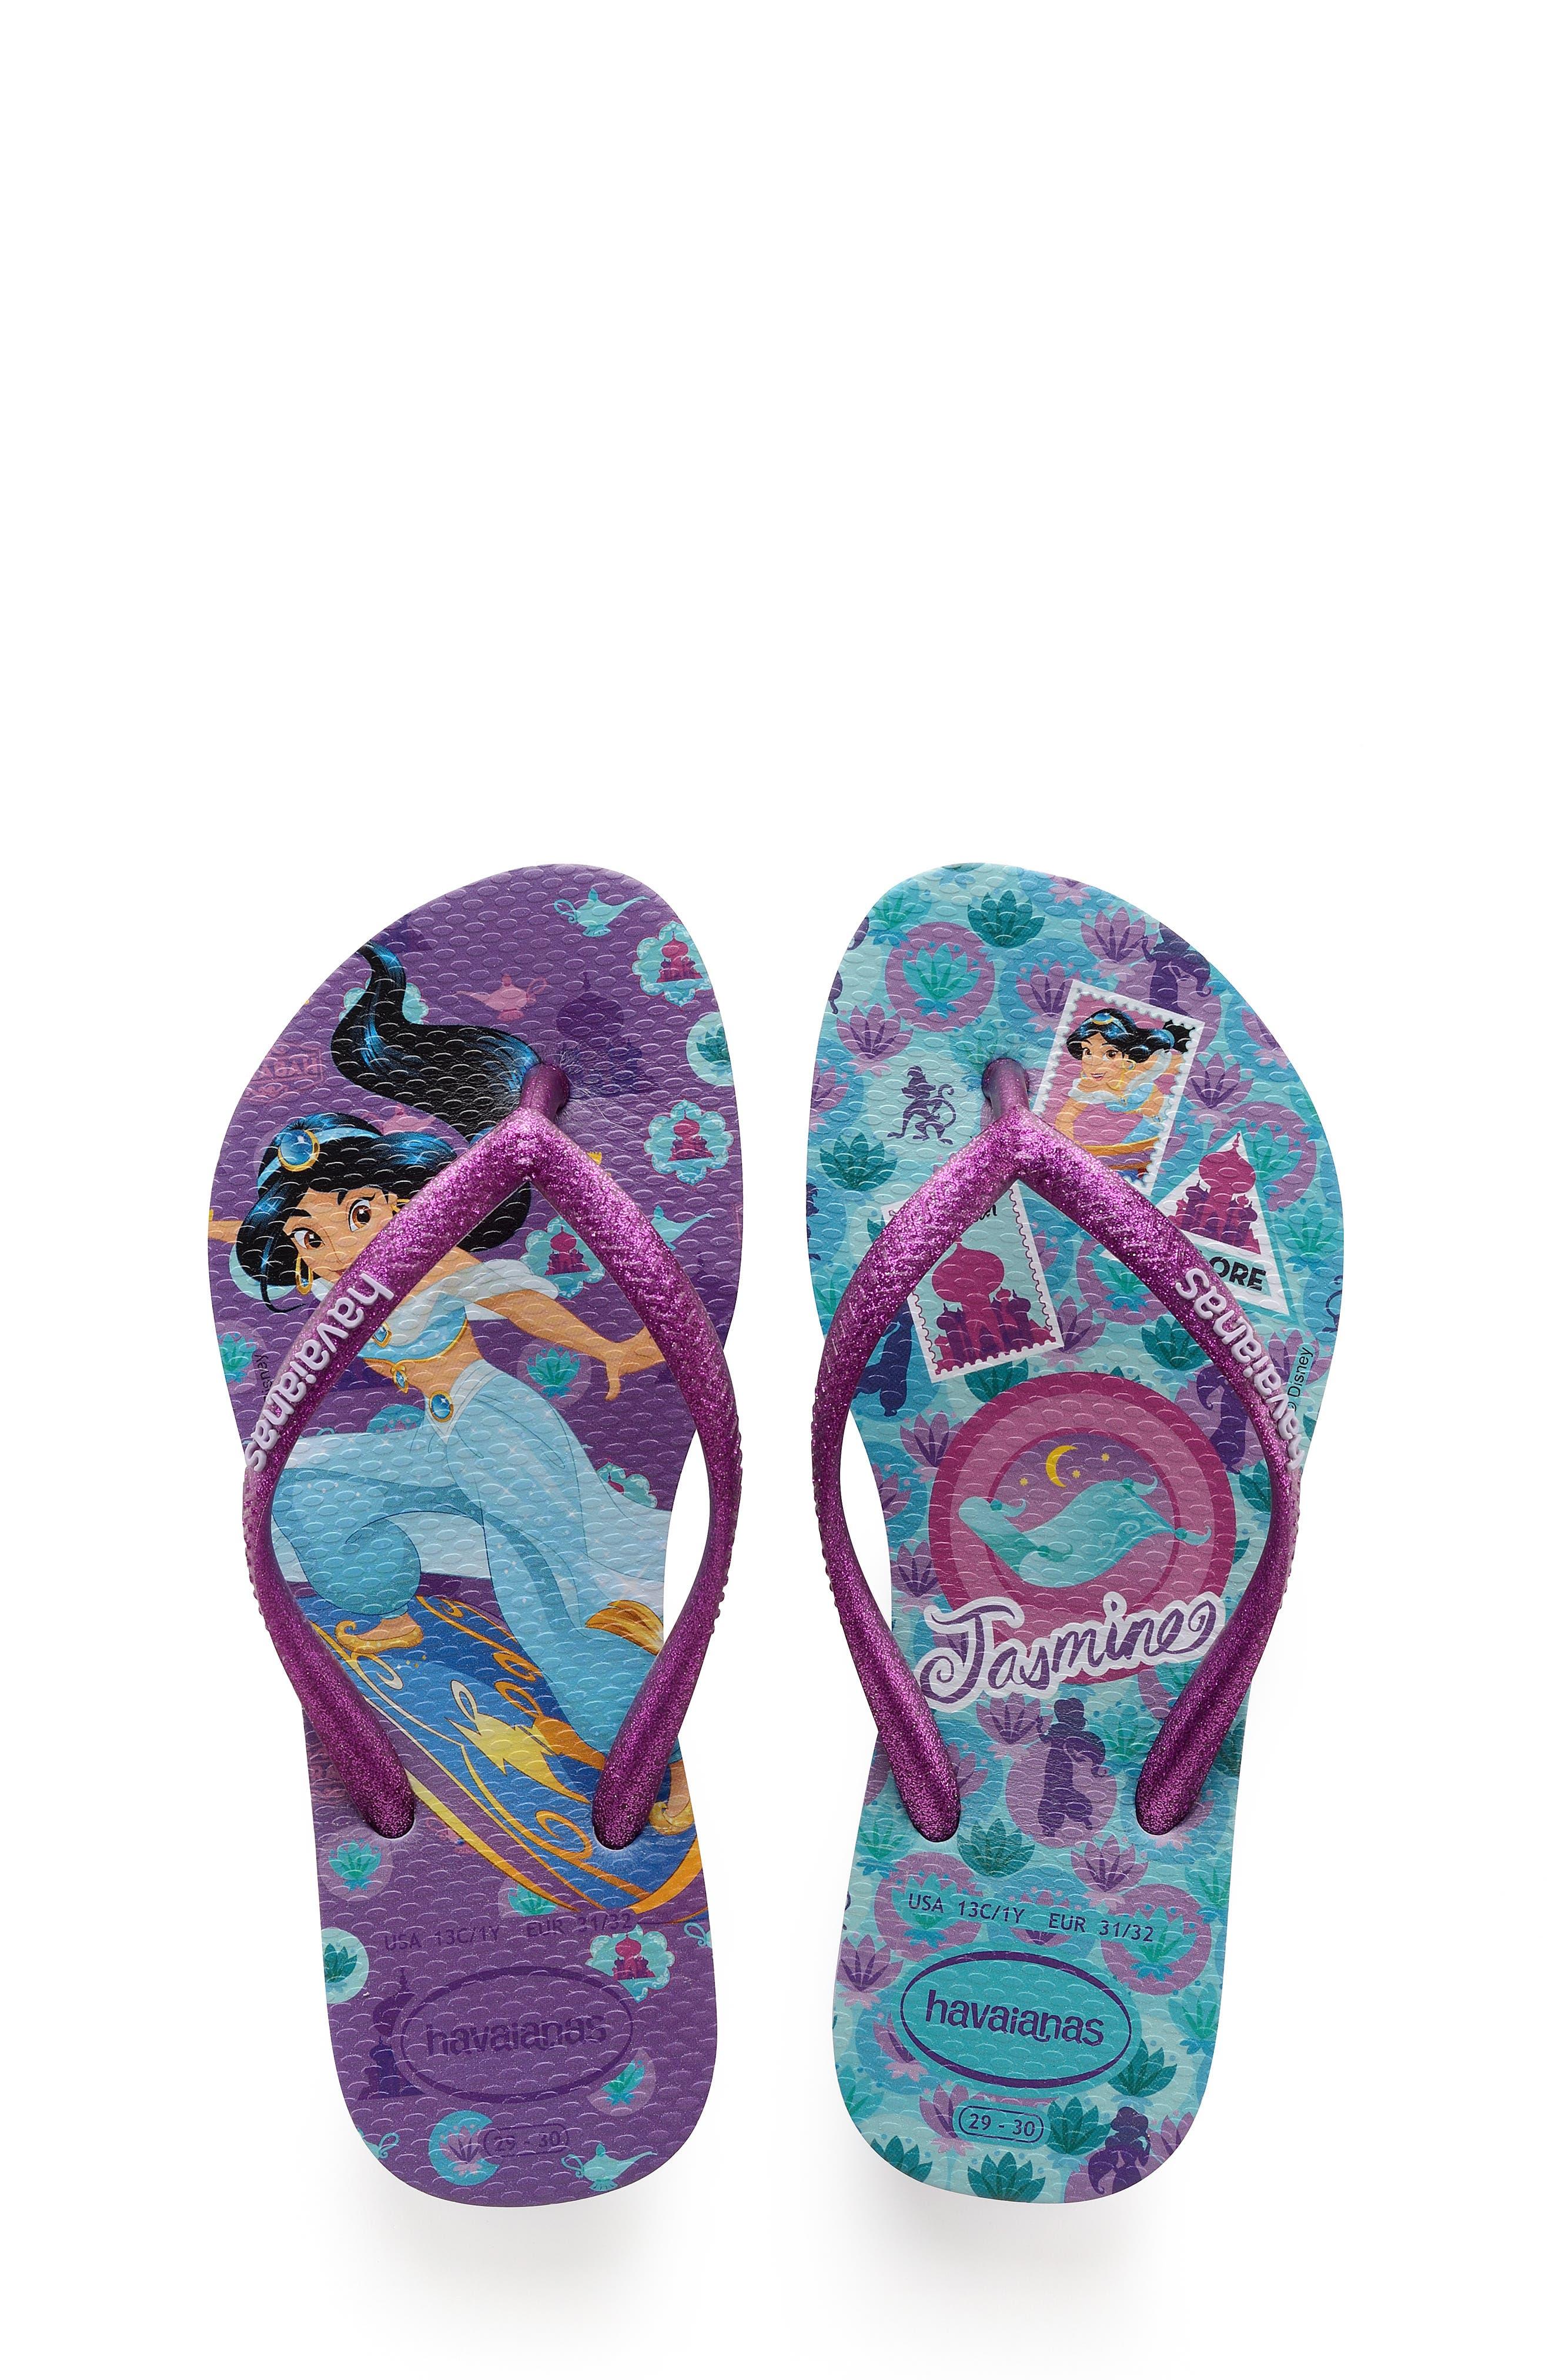 e5e139860 Havaianas Flip-Flops for Kids